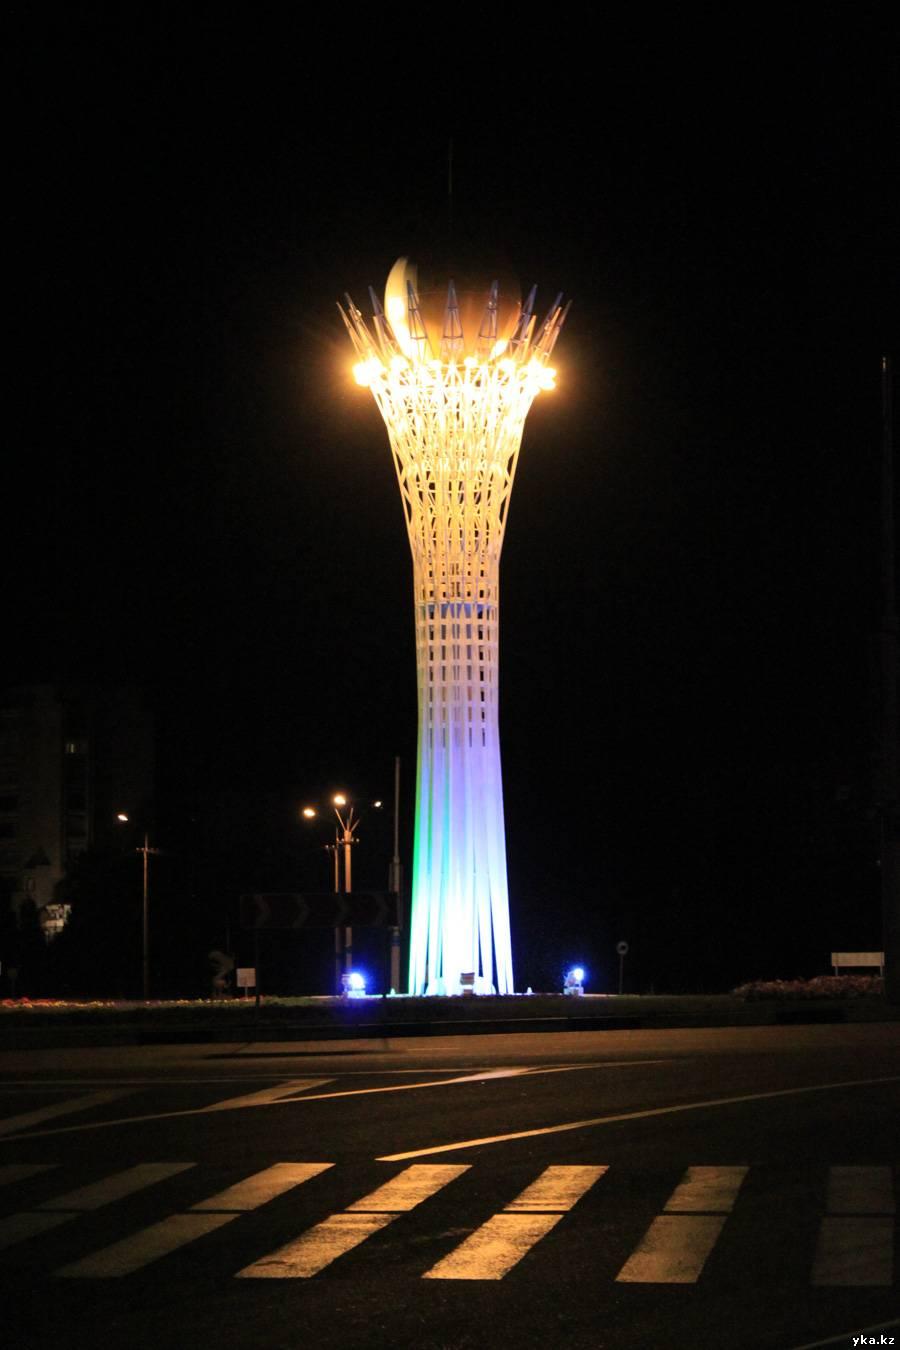 Байтерек в Усть-Каменогорске, ночной город, фото